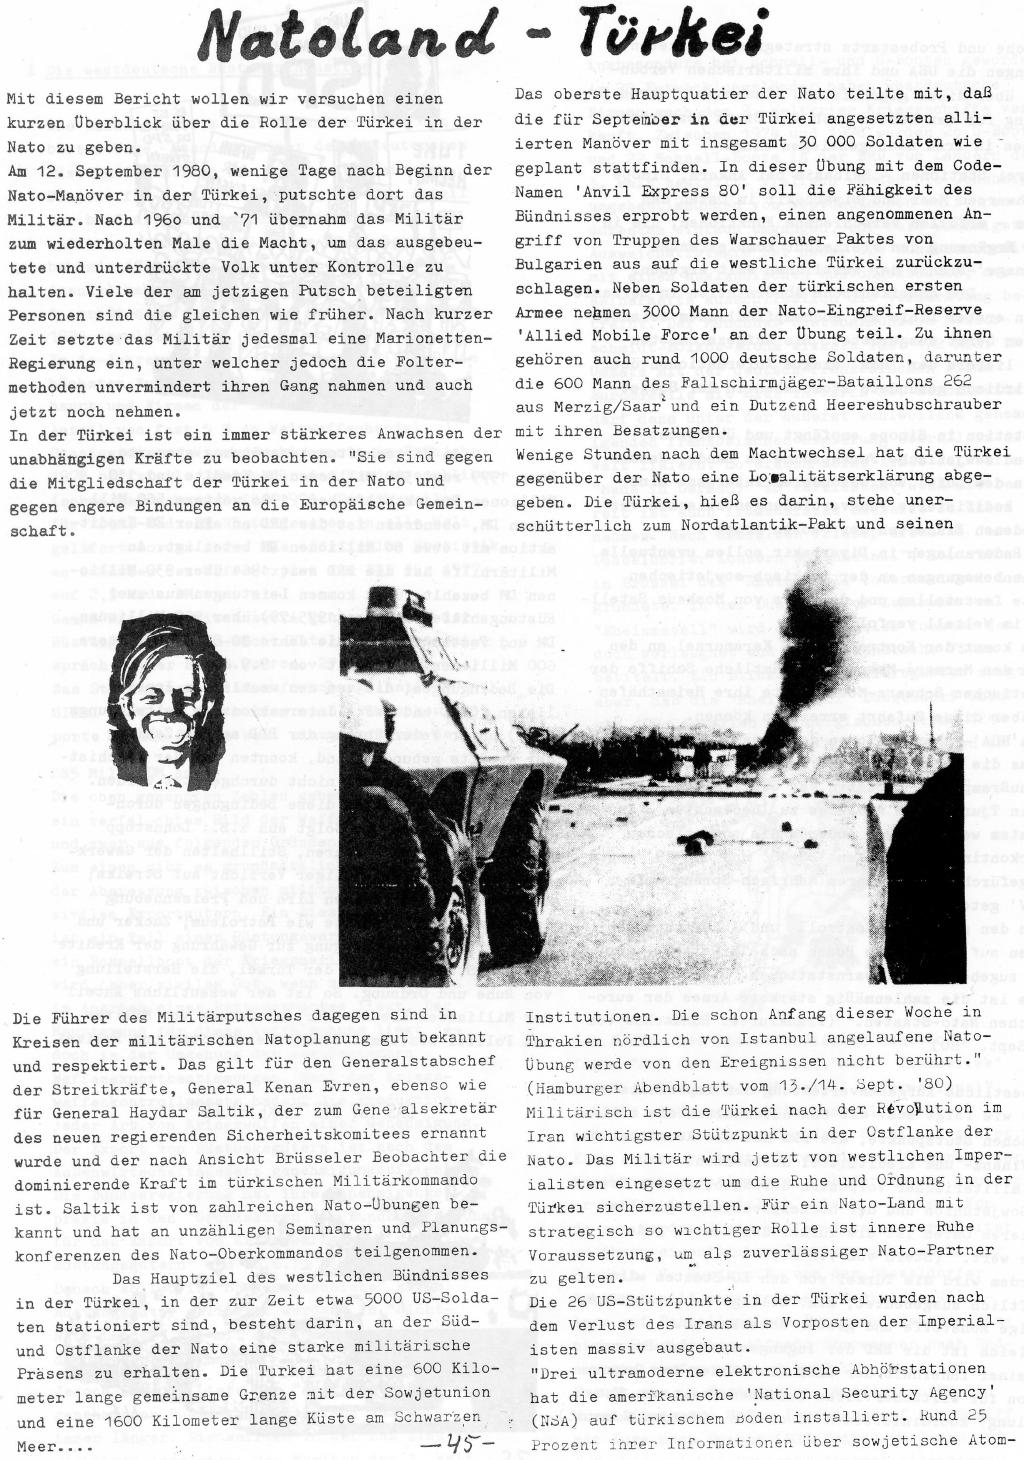 Bremen_1980_NATO_Broschuere_45